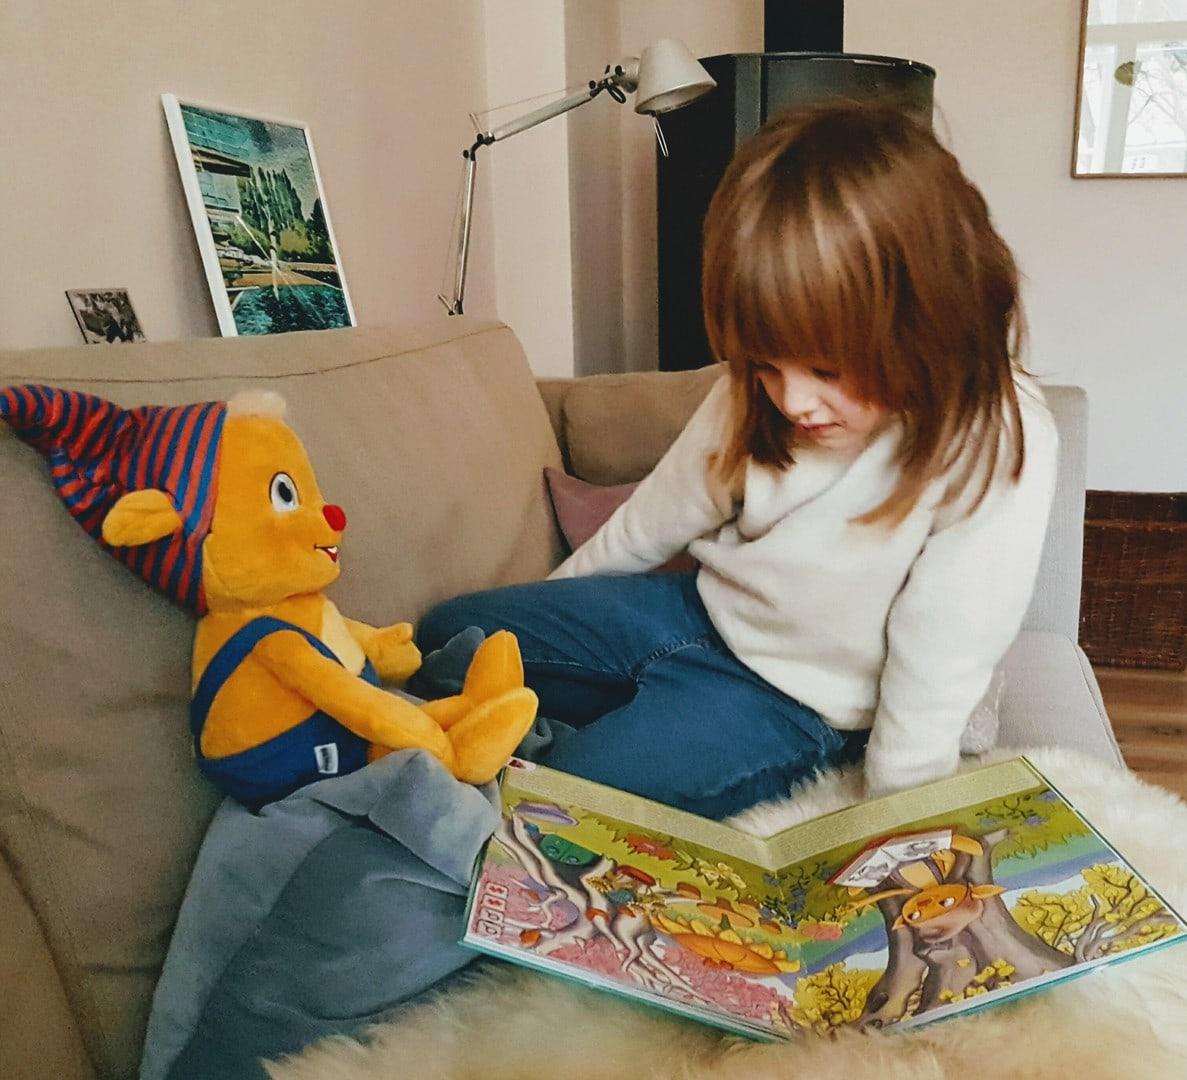 Sprachentwicklung bei Vorschulkindern spielerisch fördern